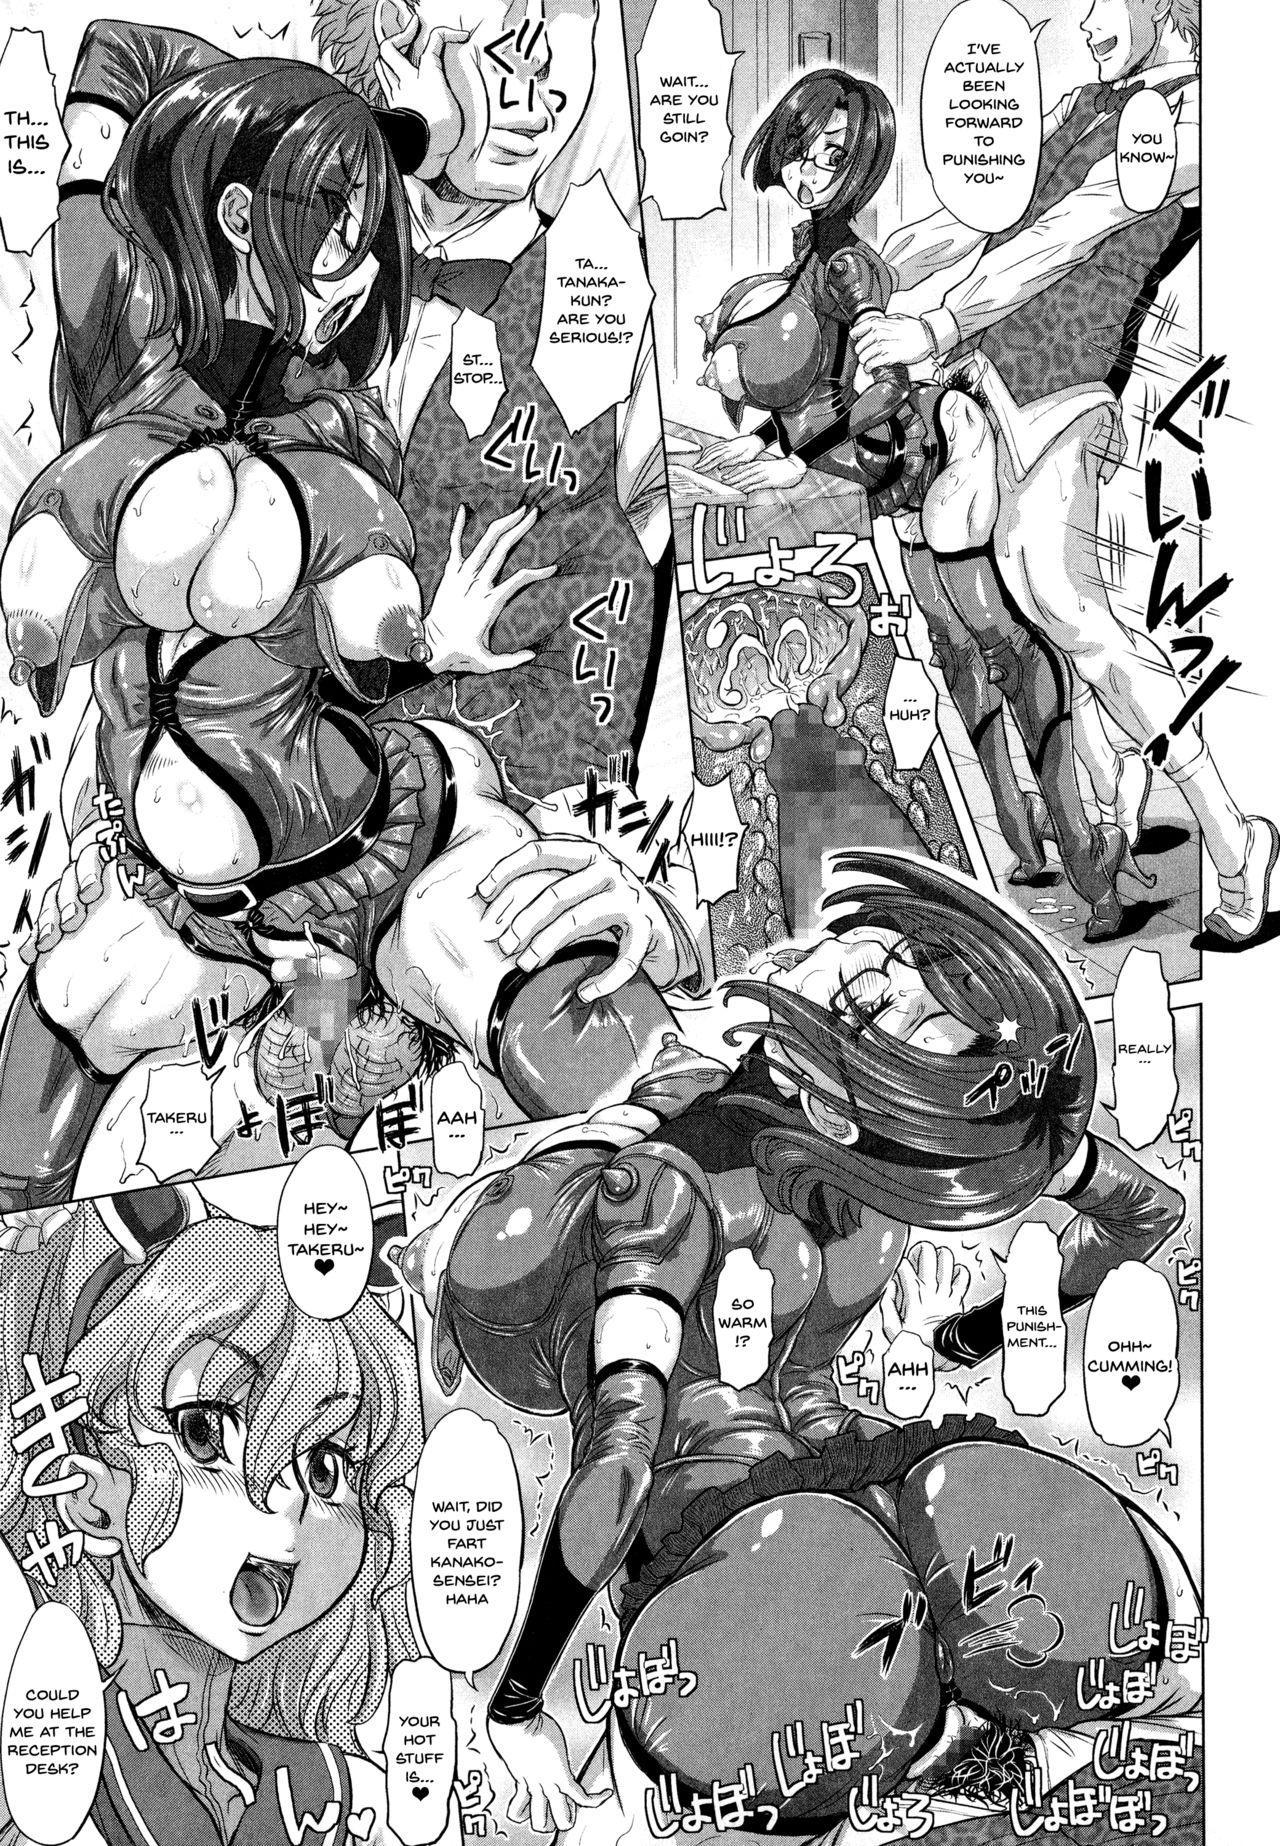 [Minority] Negative Kanako-sensei Ch. 1-3 [English] {Doujins.com} 50